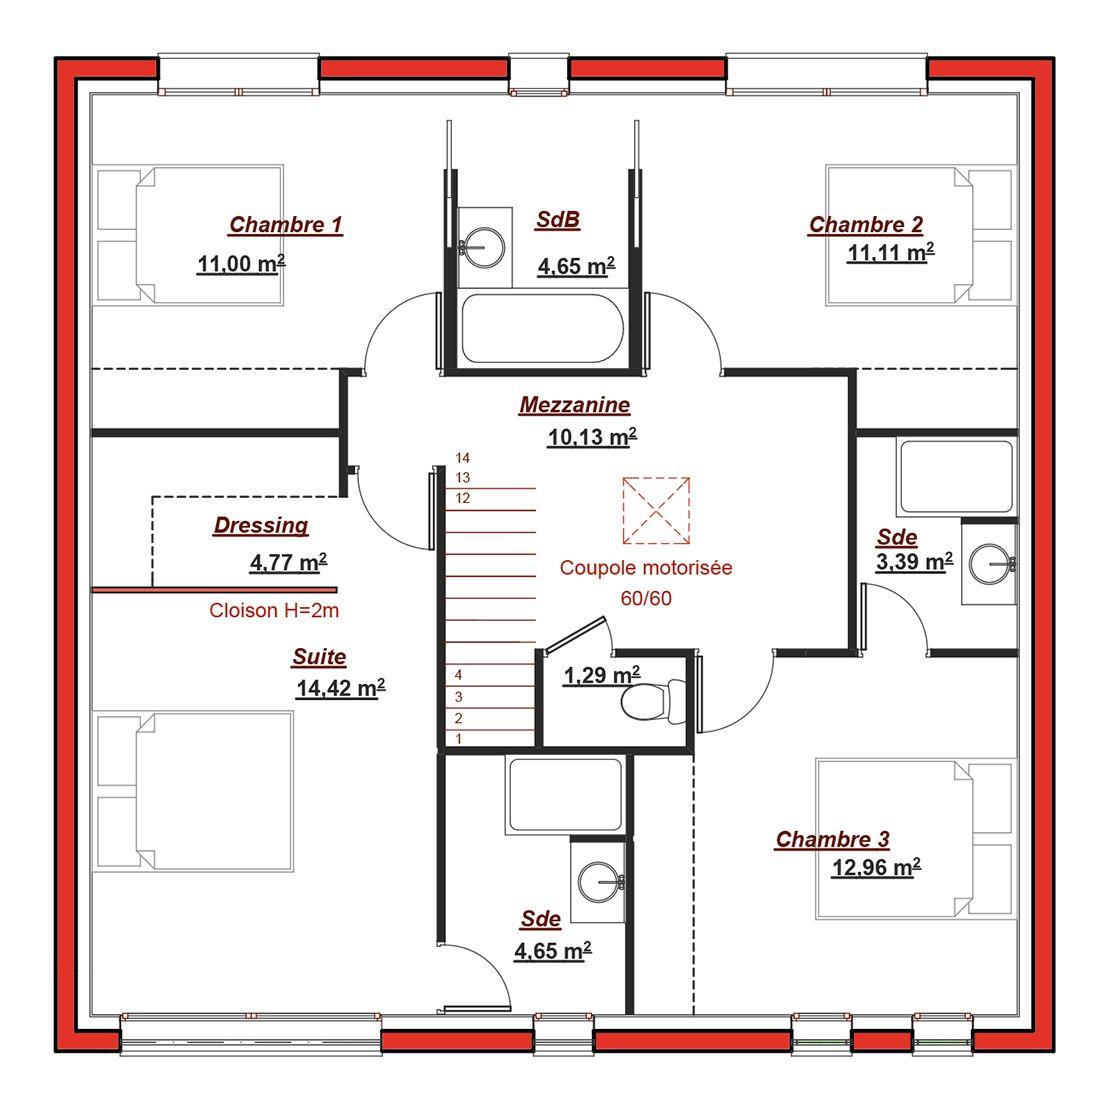 Plan Maison Gratuit Moderne Duplex Pdf De Newsindo Co Con 4 Chambres 5 3 Vozeli Com